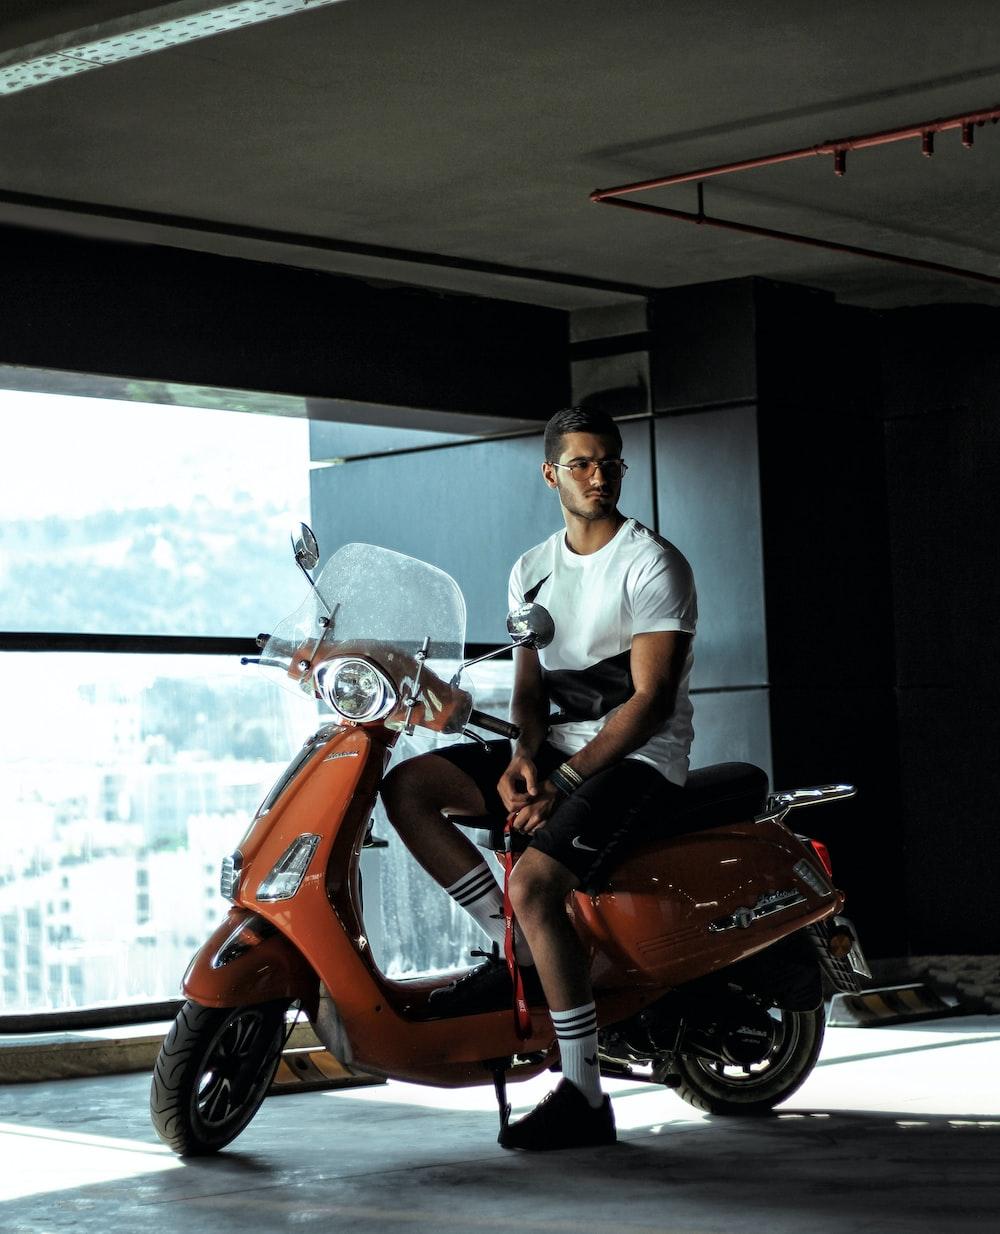 man wearing white crew-neck t-shirt sitting on orange motor scooter